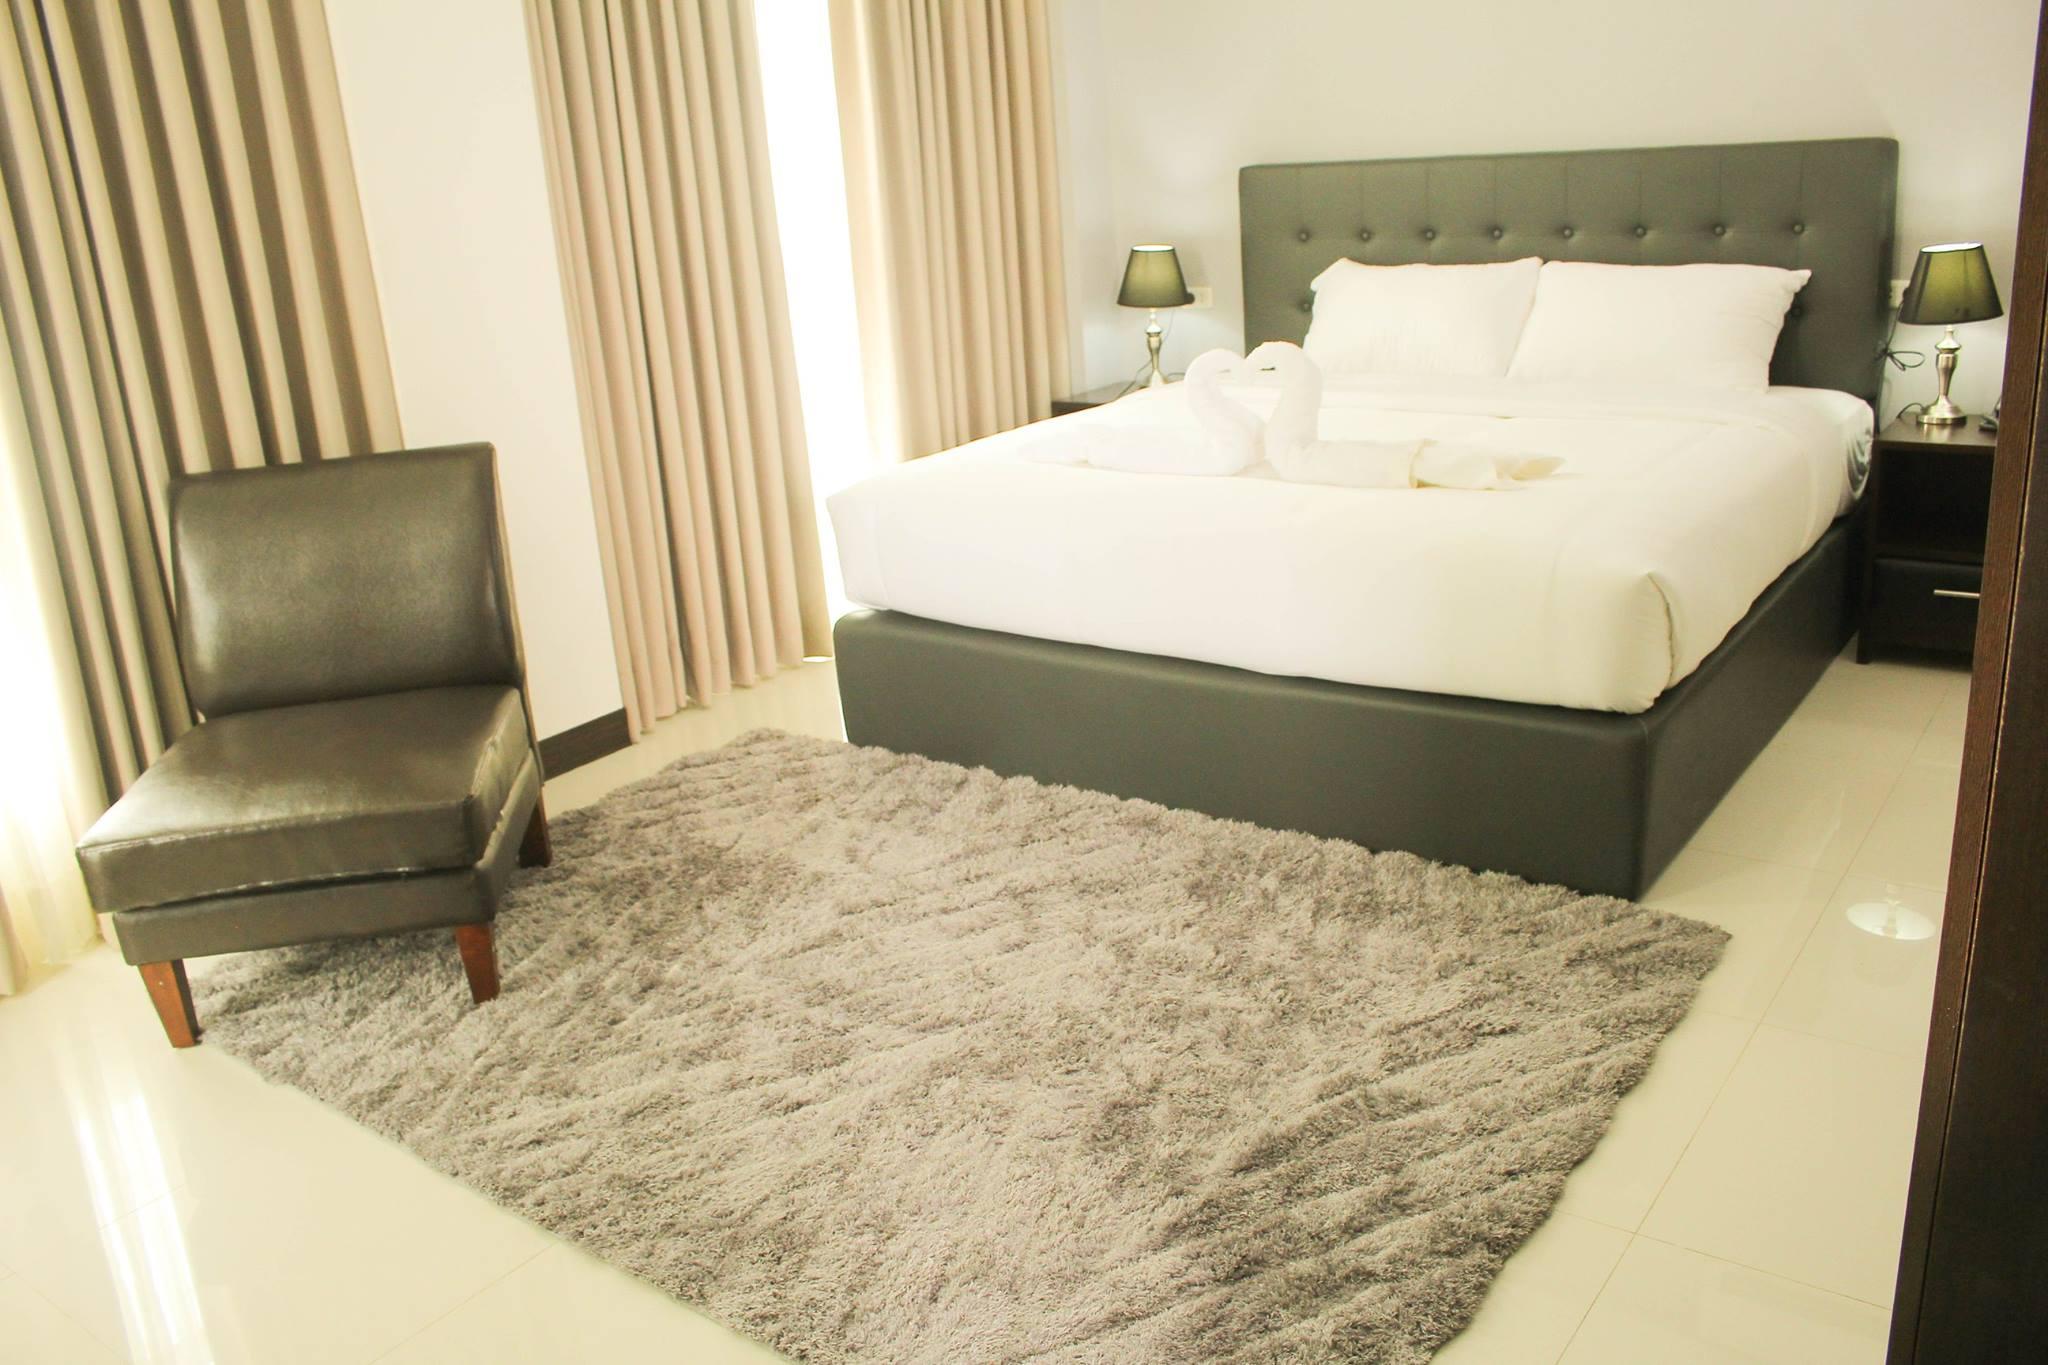 pacifico-boutique-hotel-cdo-rooms